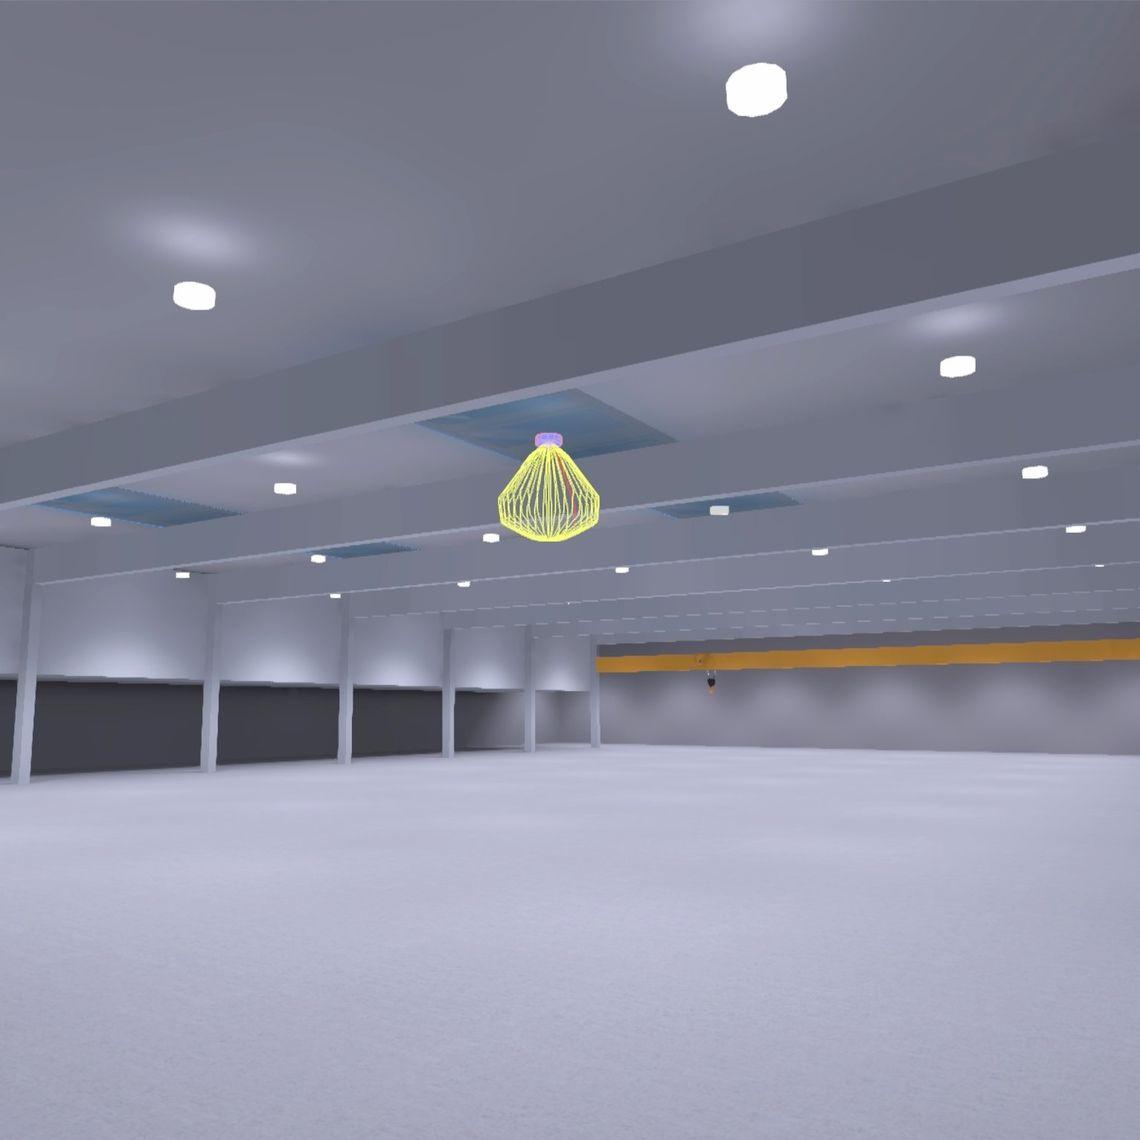 Bur Lighting Bunte Und Remmler Lichtplanungen Led Beleuchtung Walzerei Lichtplanung Lichtdesign Licht